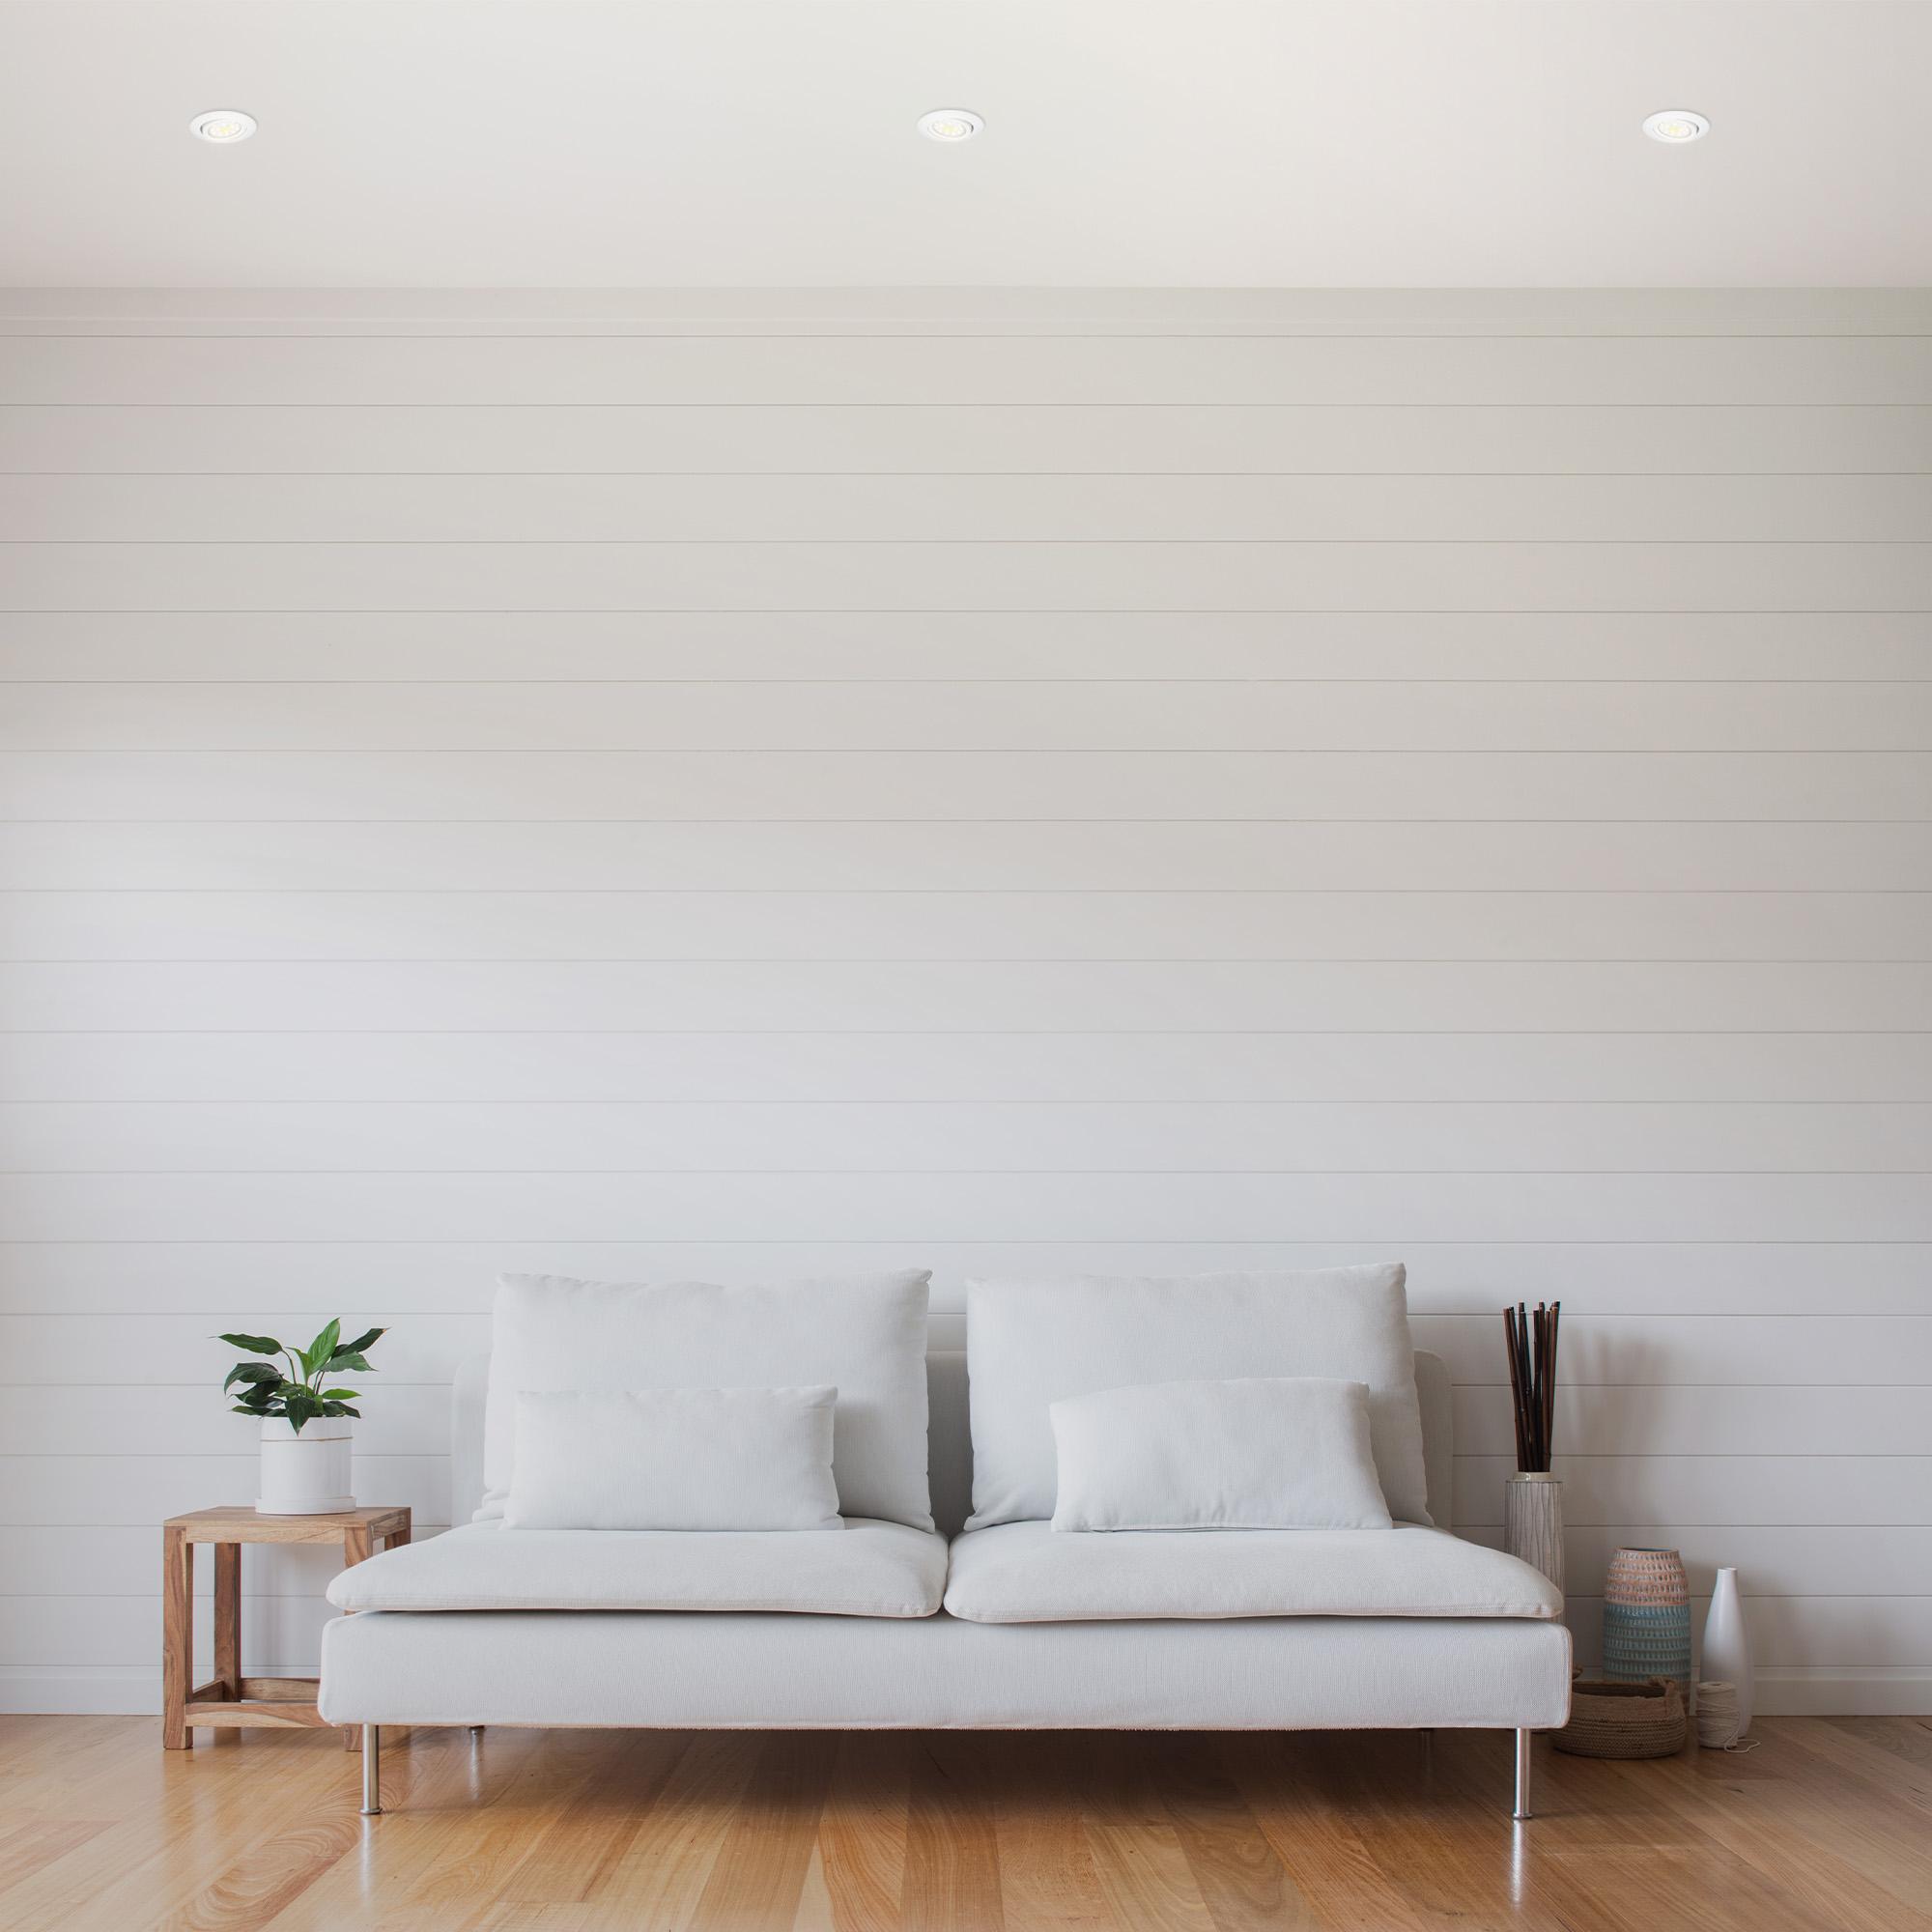 3er Set LED Einbauleuchte, Ø 8,2 cm, 3 W, Weiß